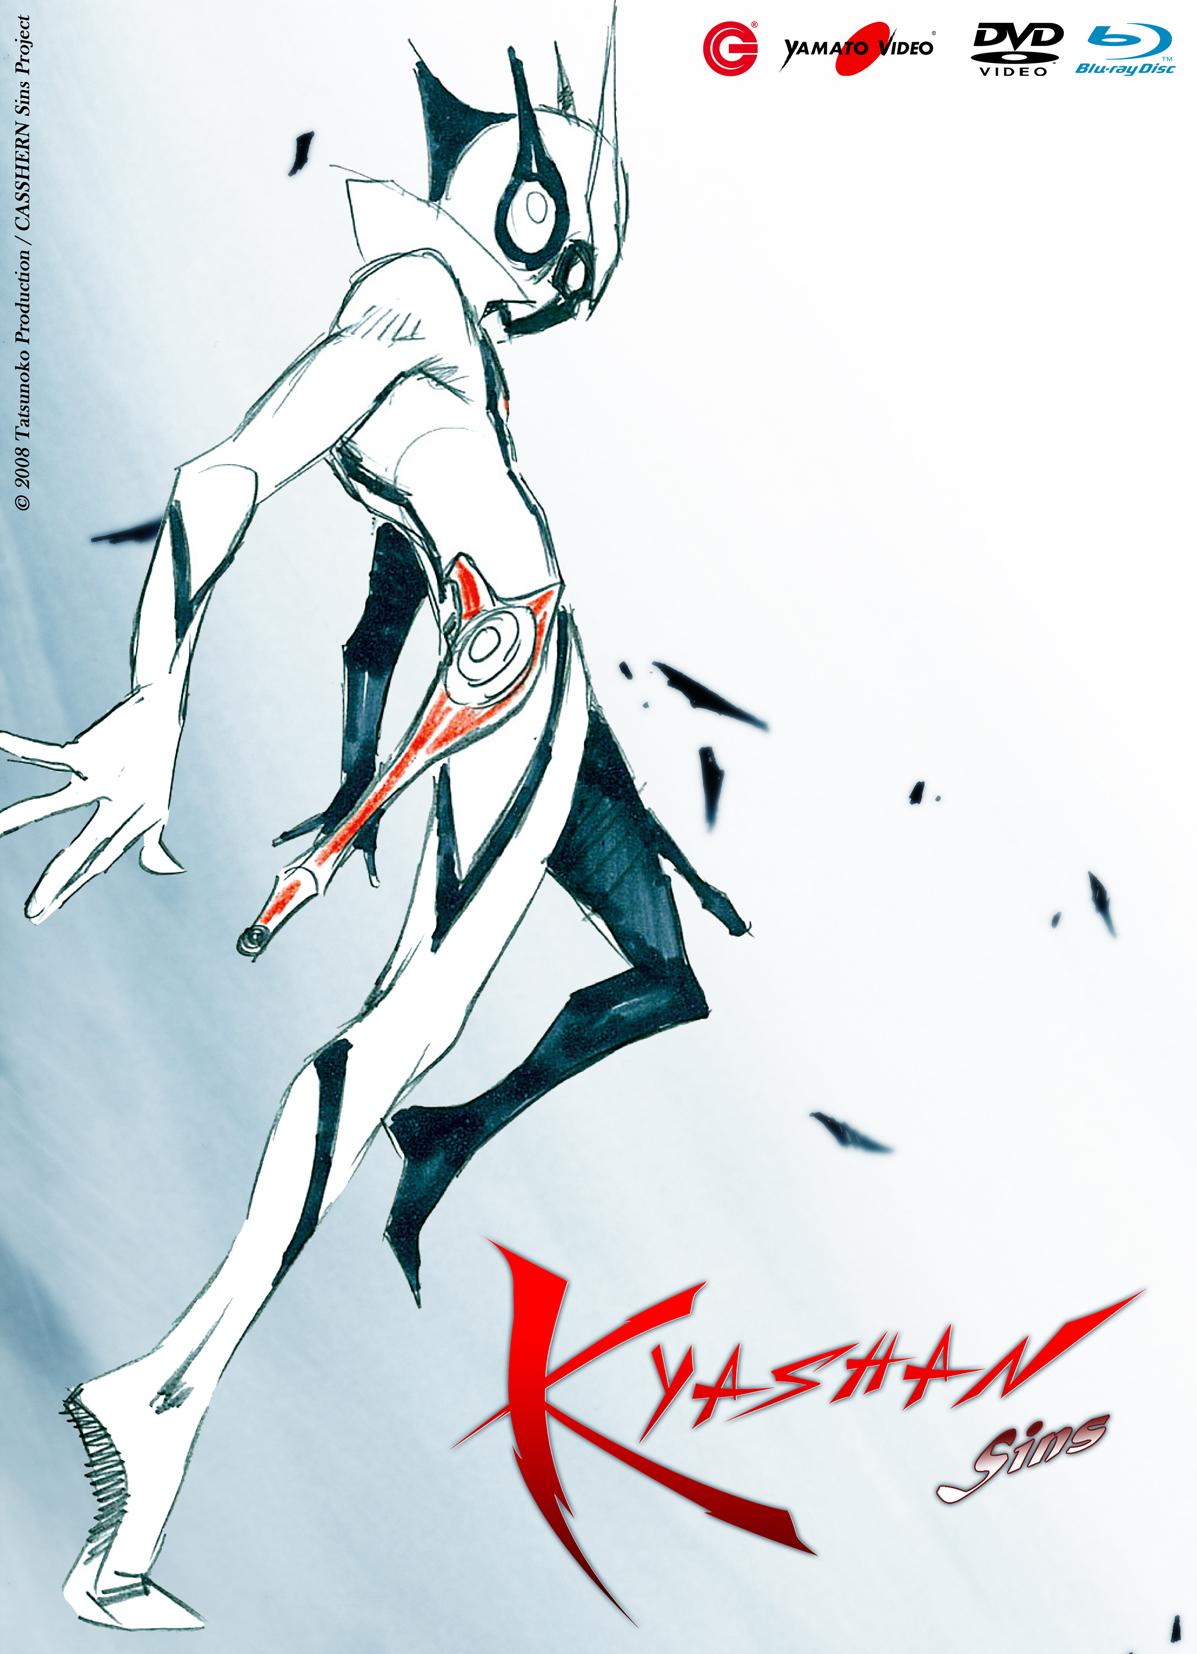 kyashan 6